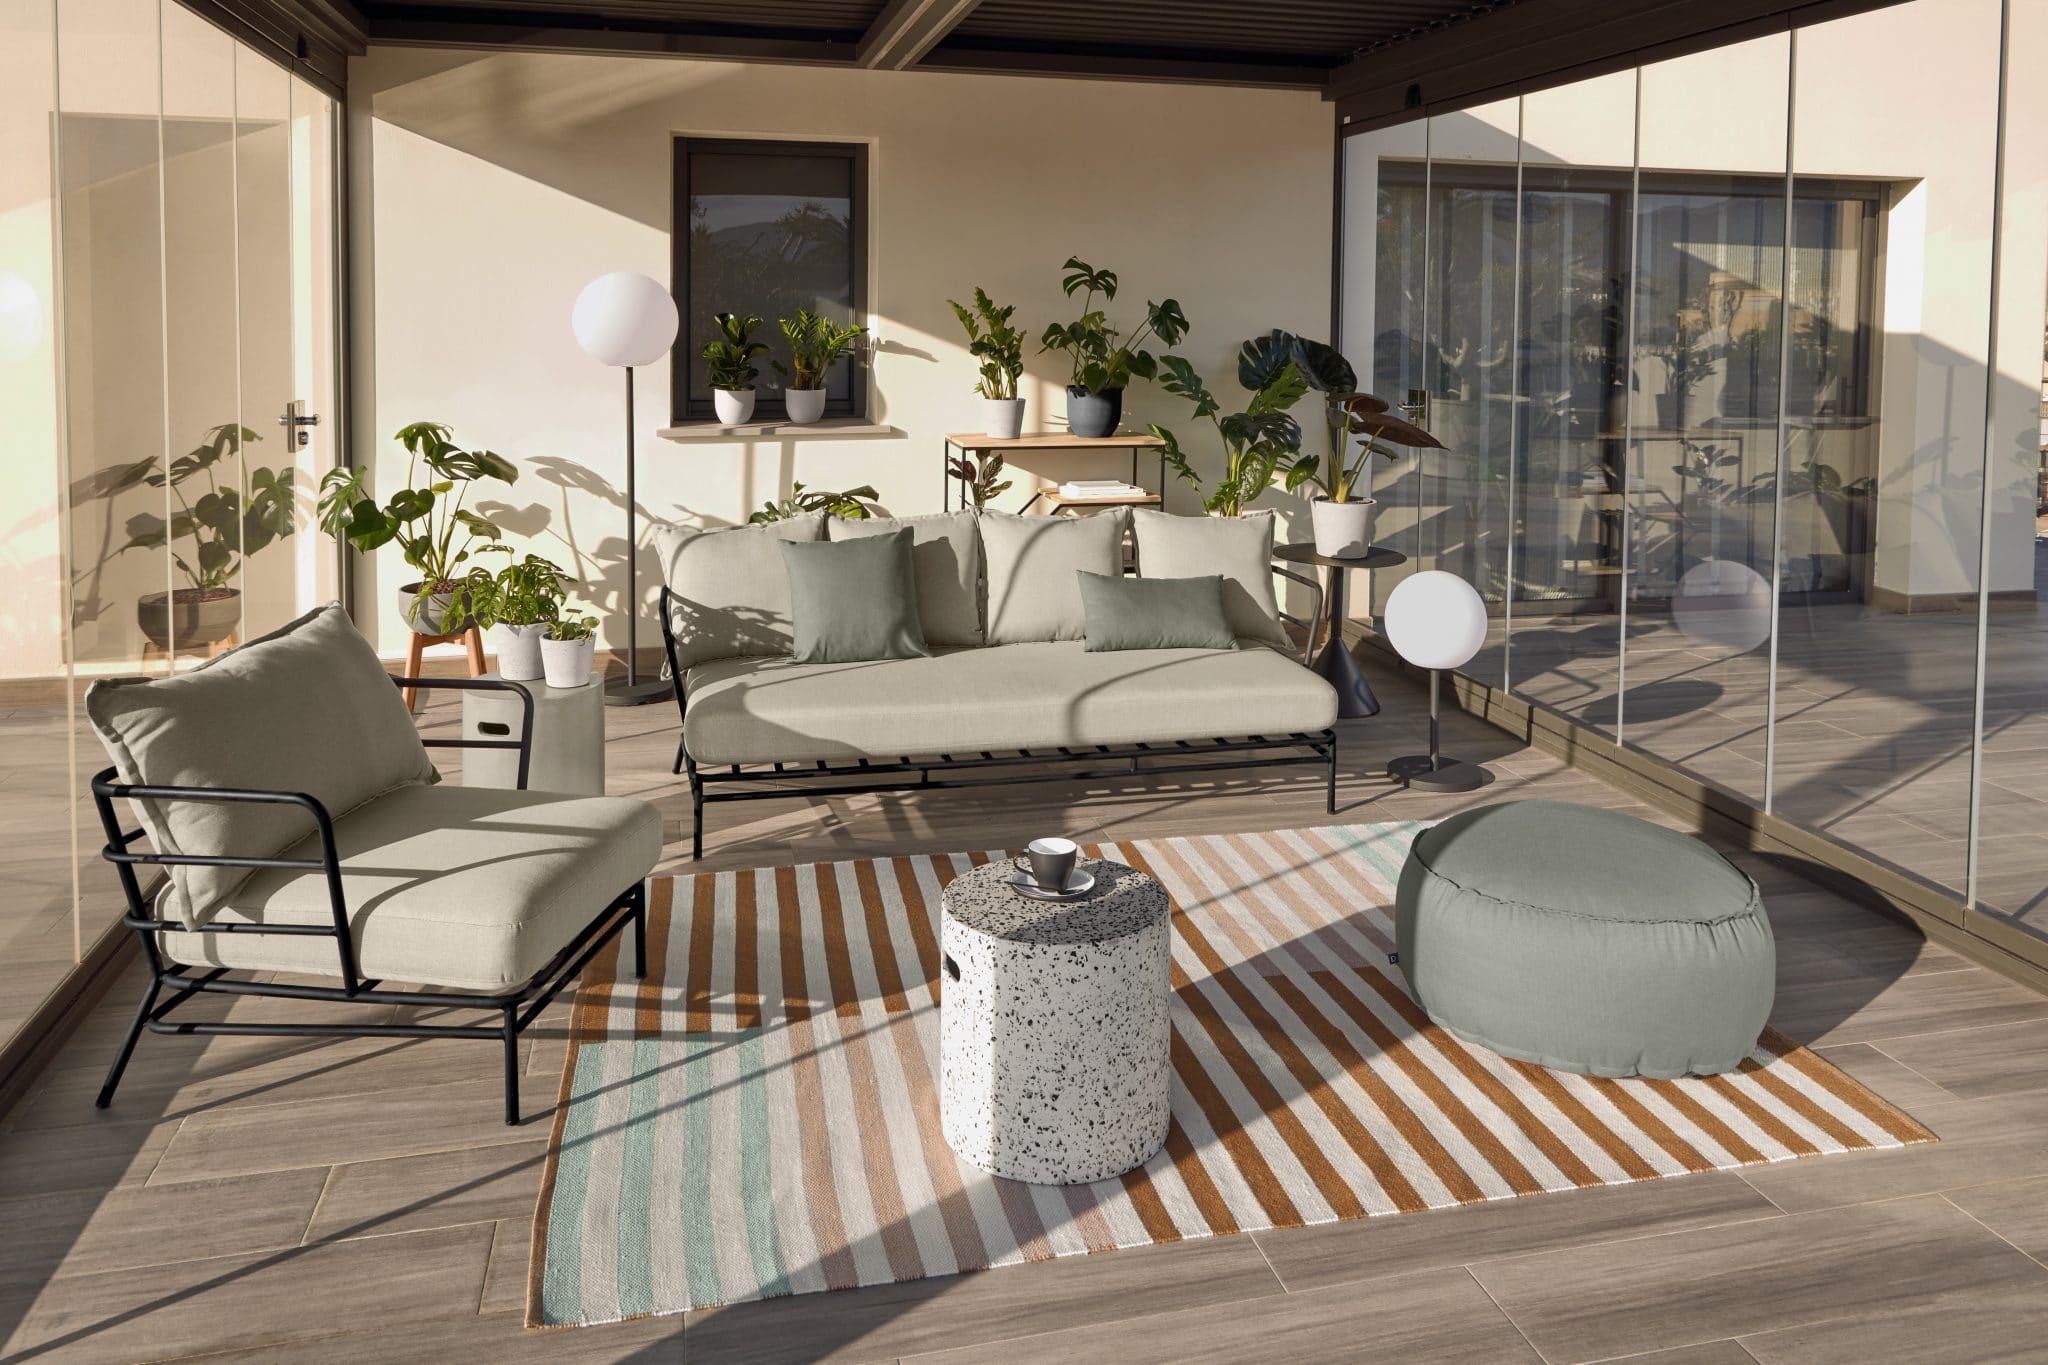 kave home collection better at home maison décoration jardin extérieur terrasses balcon soleil